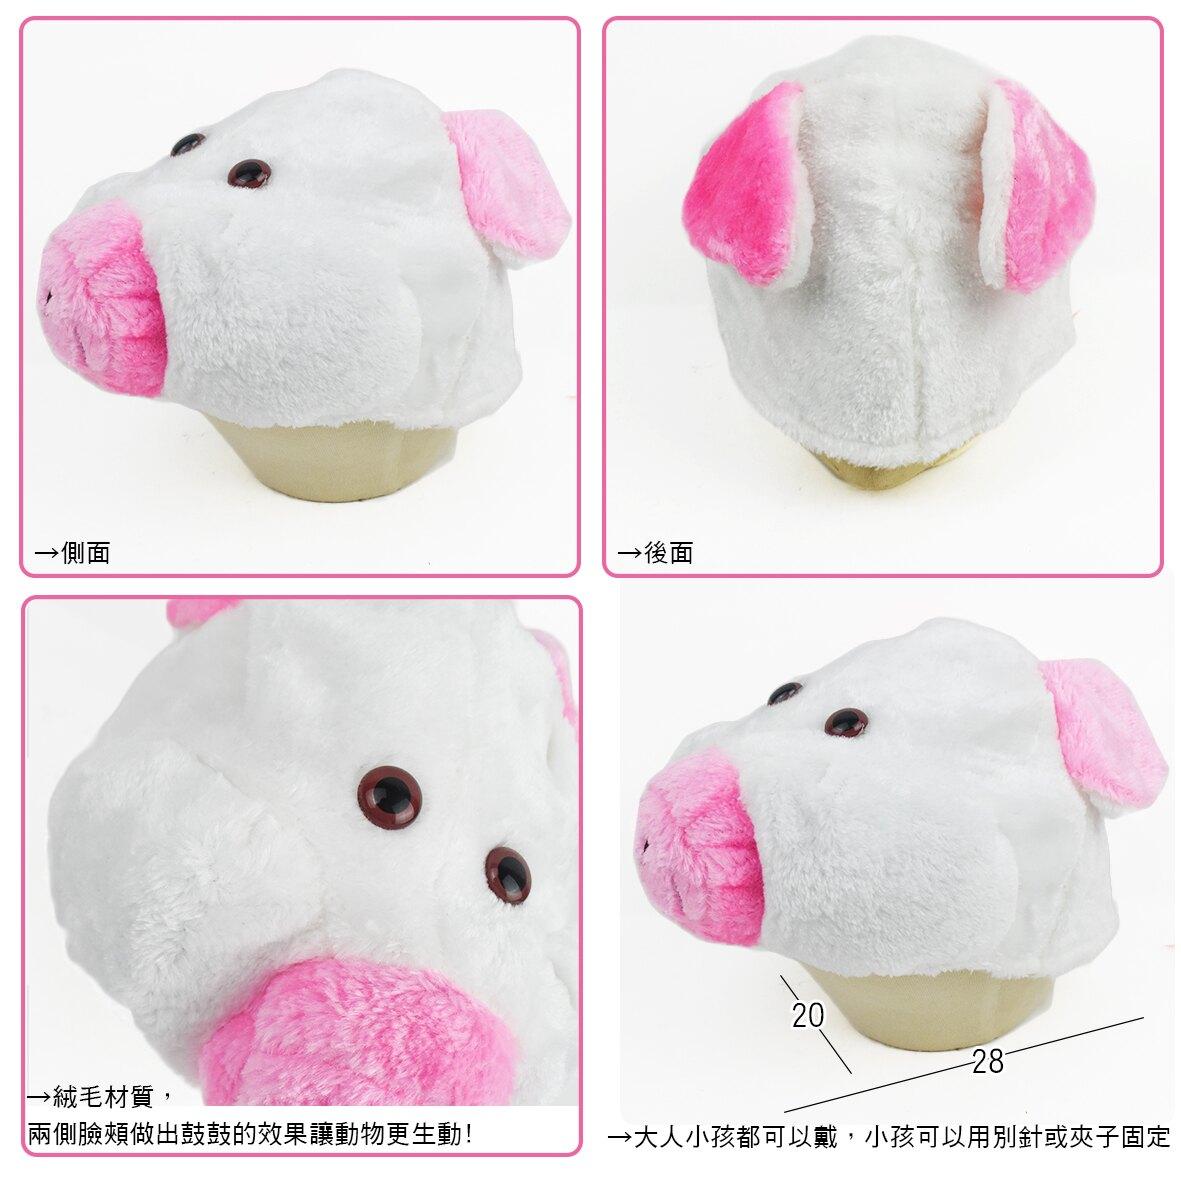 白豬動物帽,白豬動物造型帽/聖誕節Party/角色扮演/化妝舞會/表演造型,X射線【W010005】